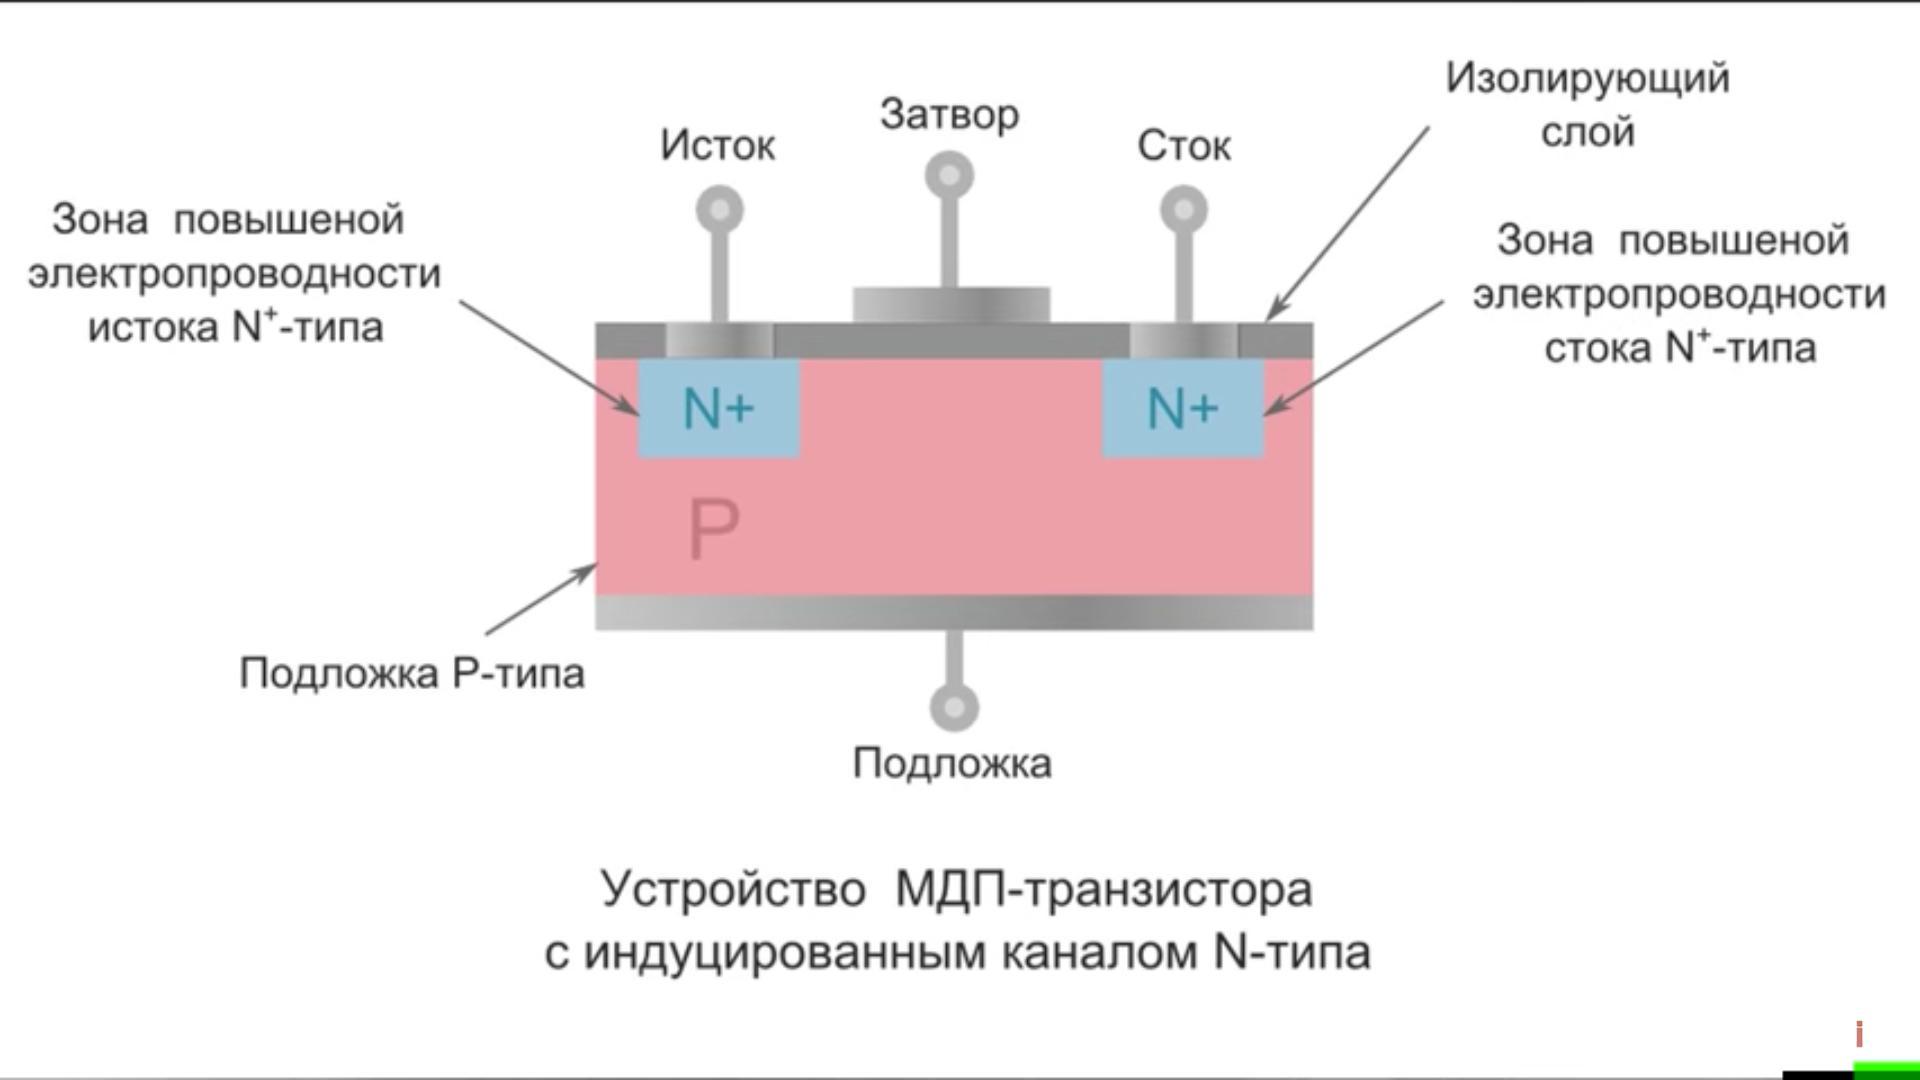 Моп транзистор на схеме